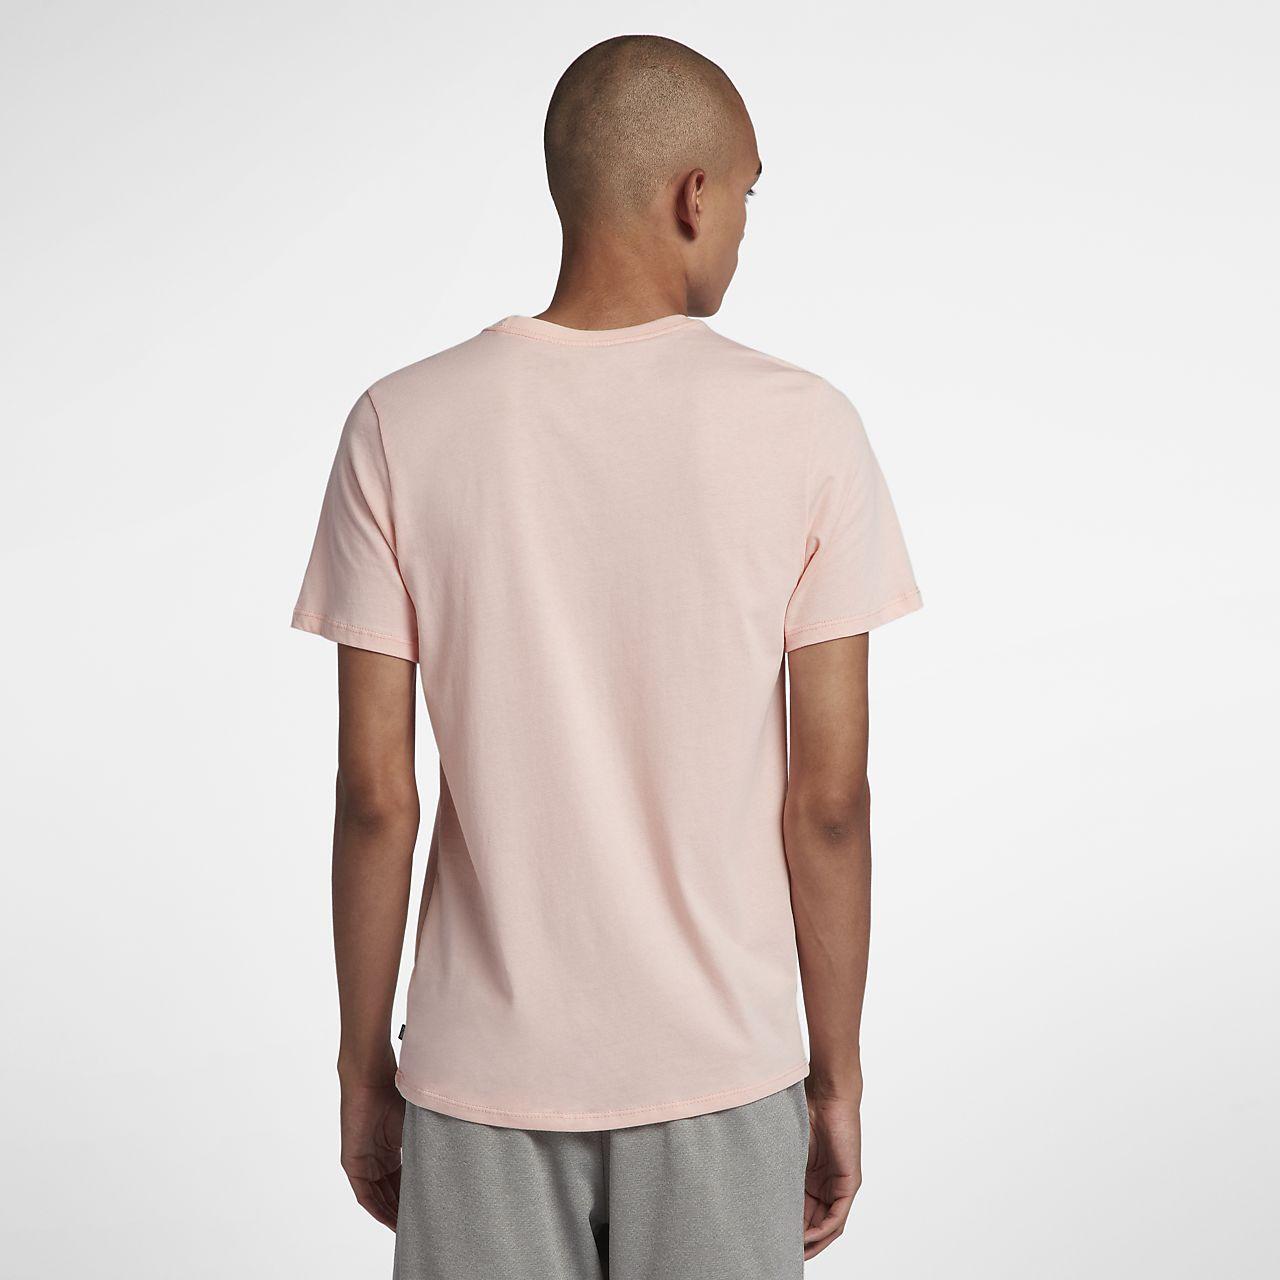 6f47240d9e Nike SB Essential Men's T-Shirt. Nike.com NO